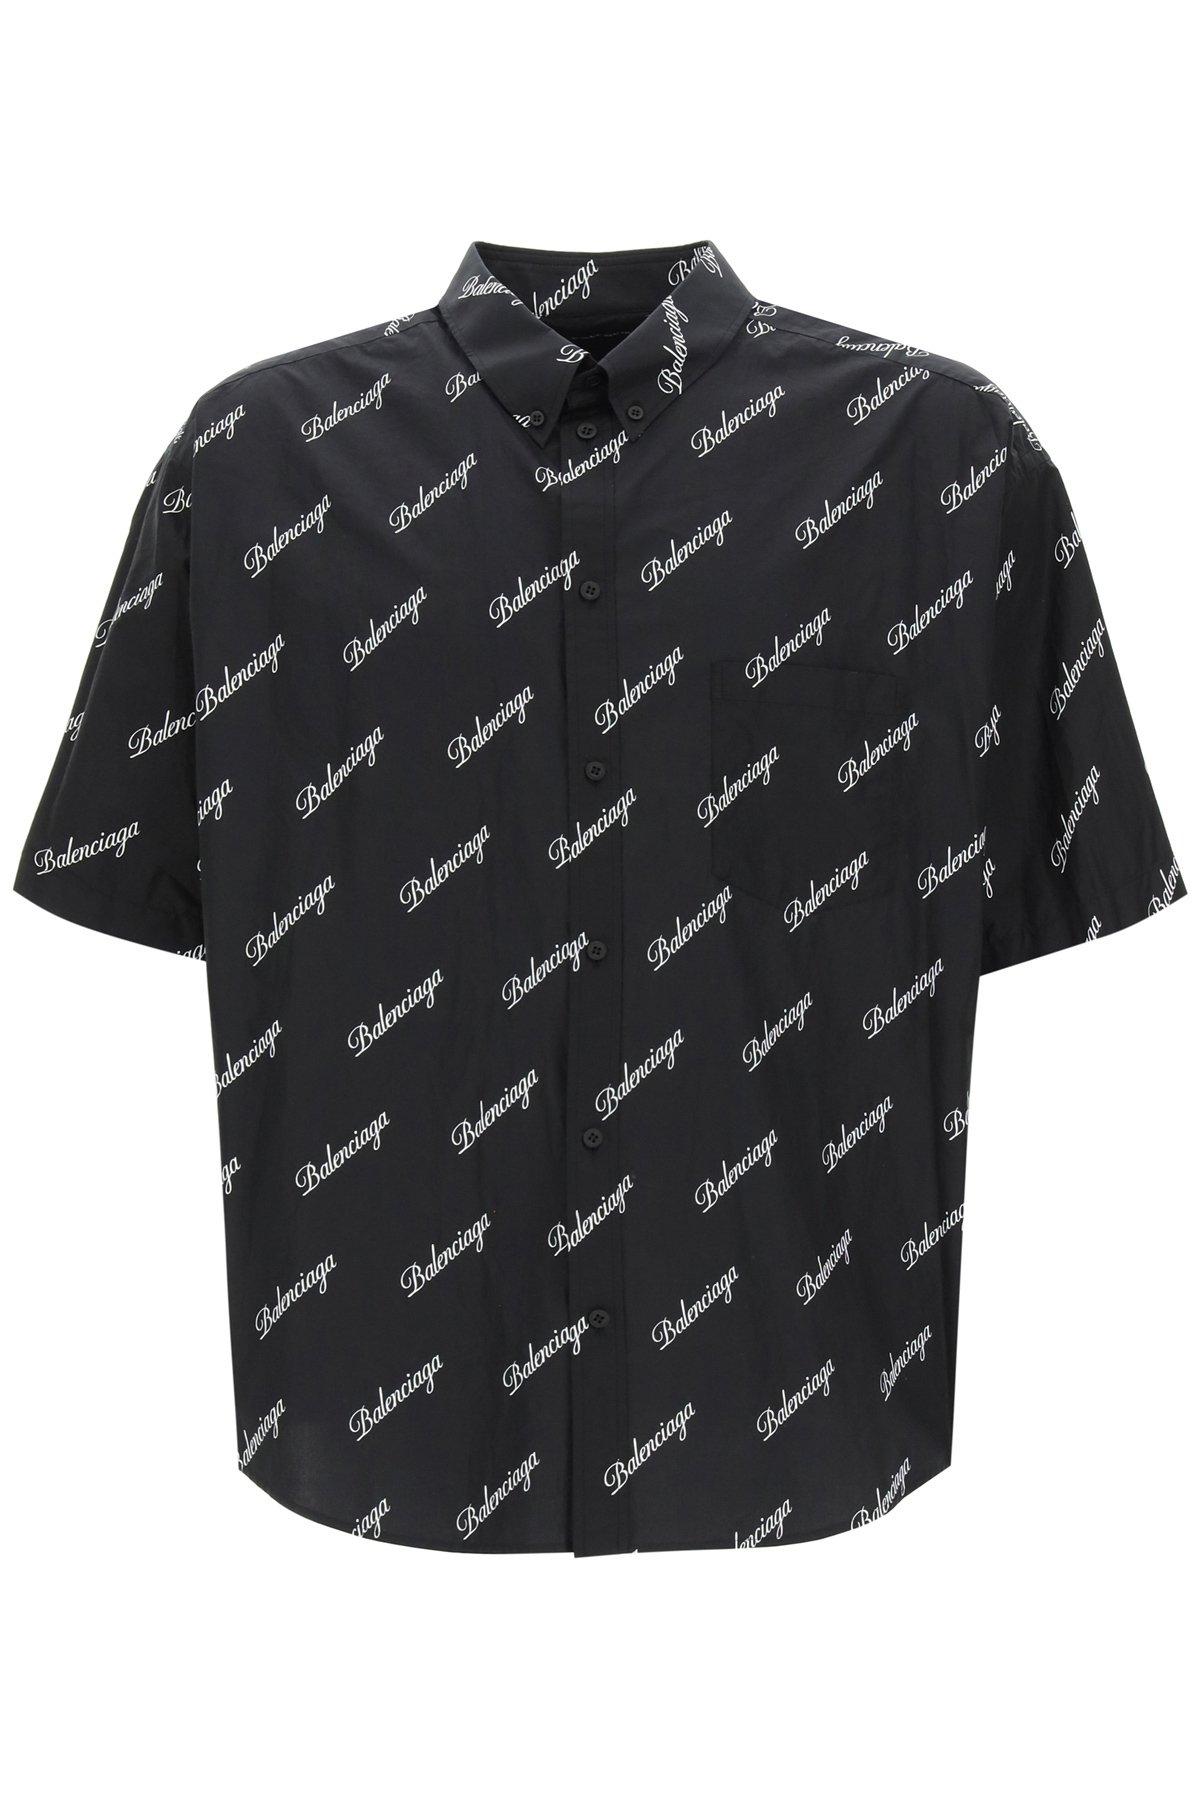 Balenciaga camicia button-down script logo